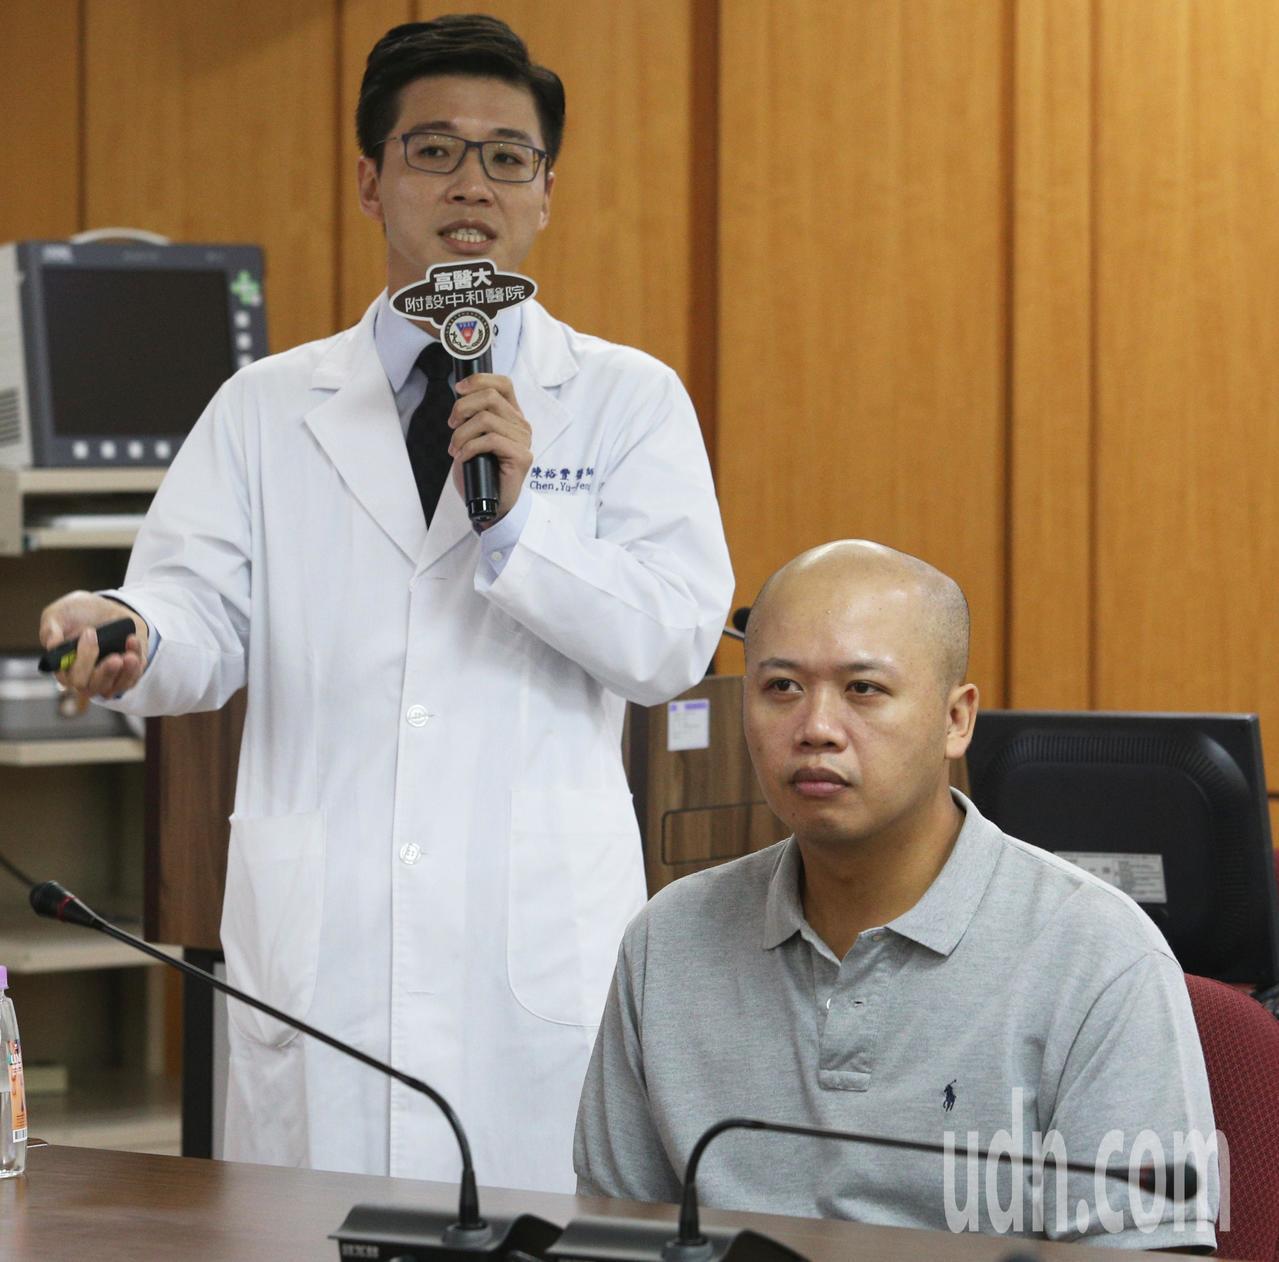 高醫口腔外科醫師陳裕豐(左)以整形手術治療李姓男子打鼾,效果良好。記者劉學聖/攝...